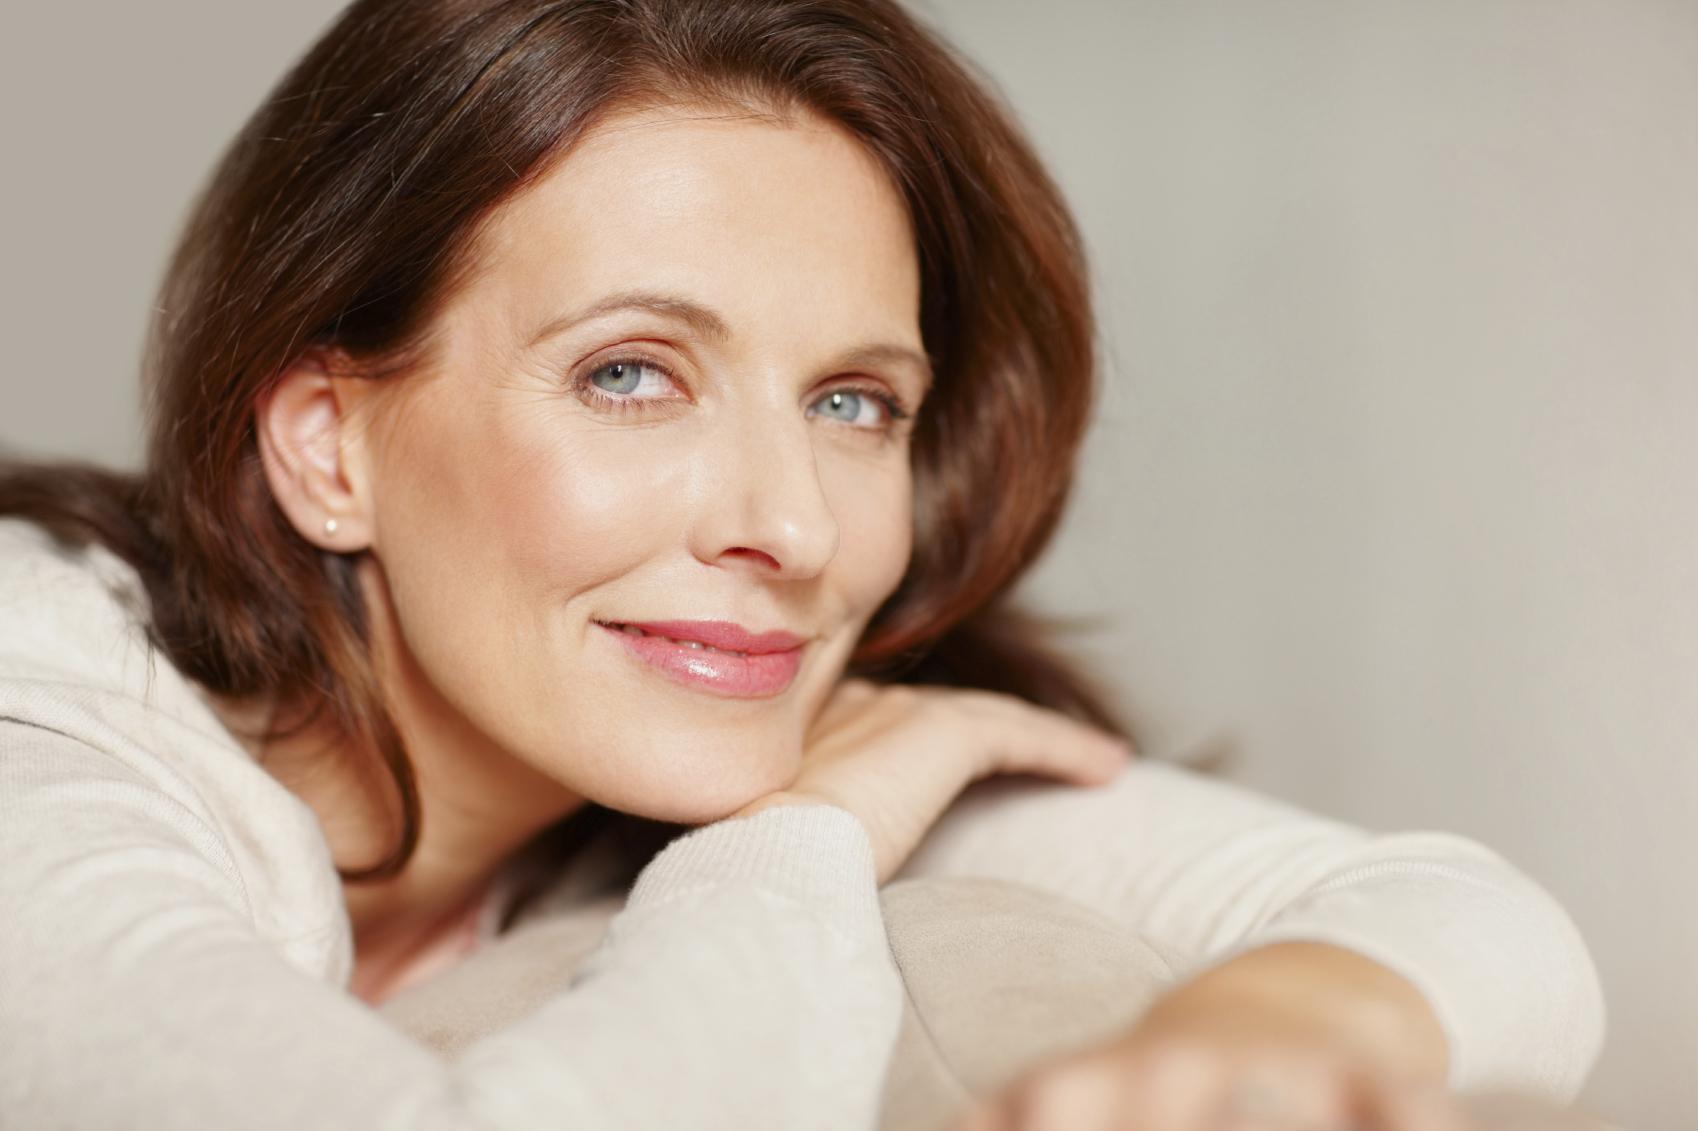 Красота зрелой женщины – главные секреты